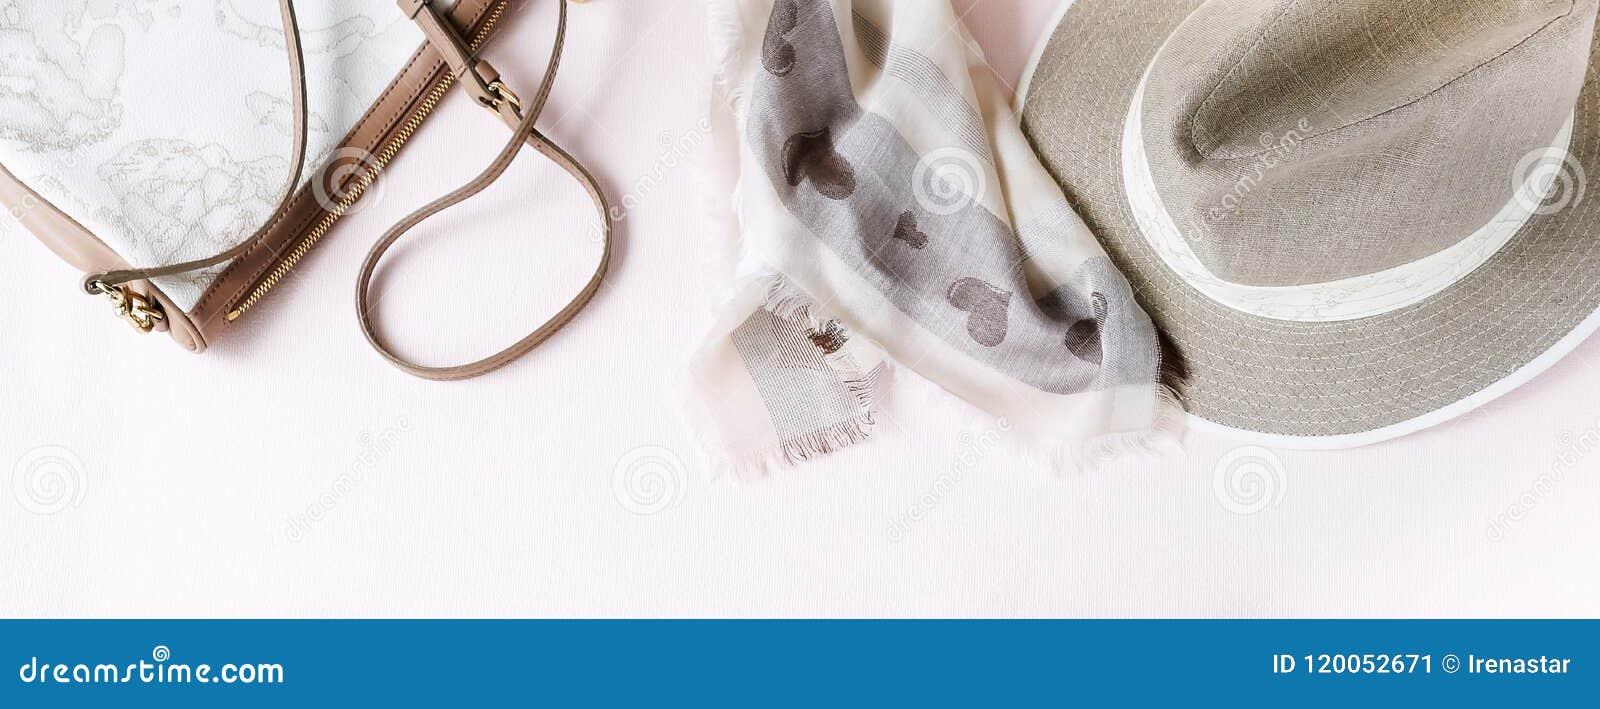 Fondo de la manera Accesorios femeninos en colores en colores pastel beige